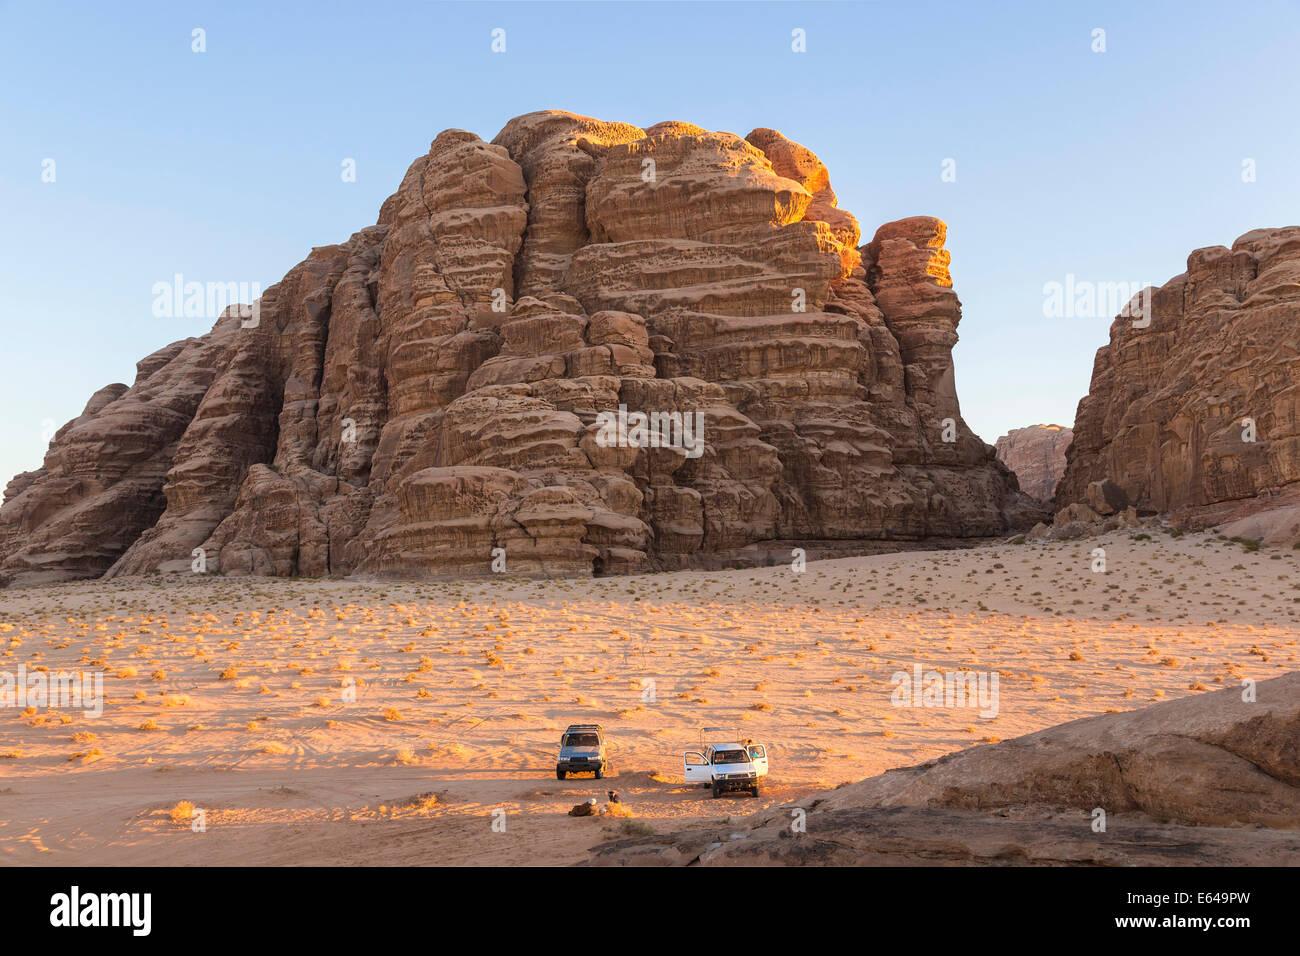 Erkunden Wüste Wadi Rum mit dem Auto, Wadi Rum, Jordanien Stockbild